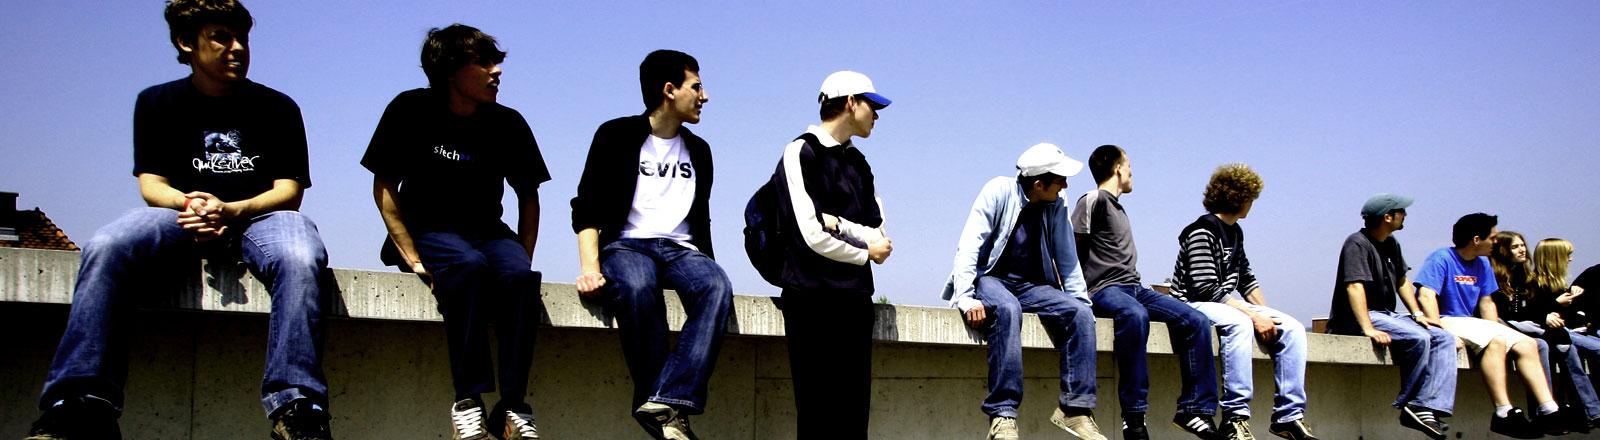 Junge Männer sitzen auf einem Hochhausdach und blicken in die Ferne.